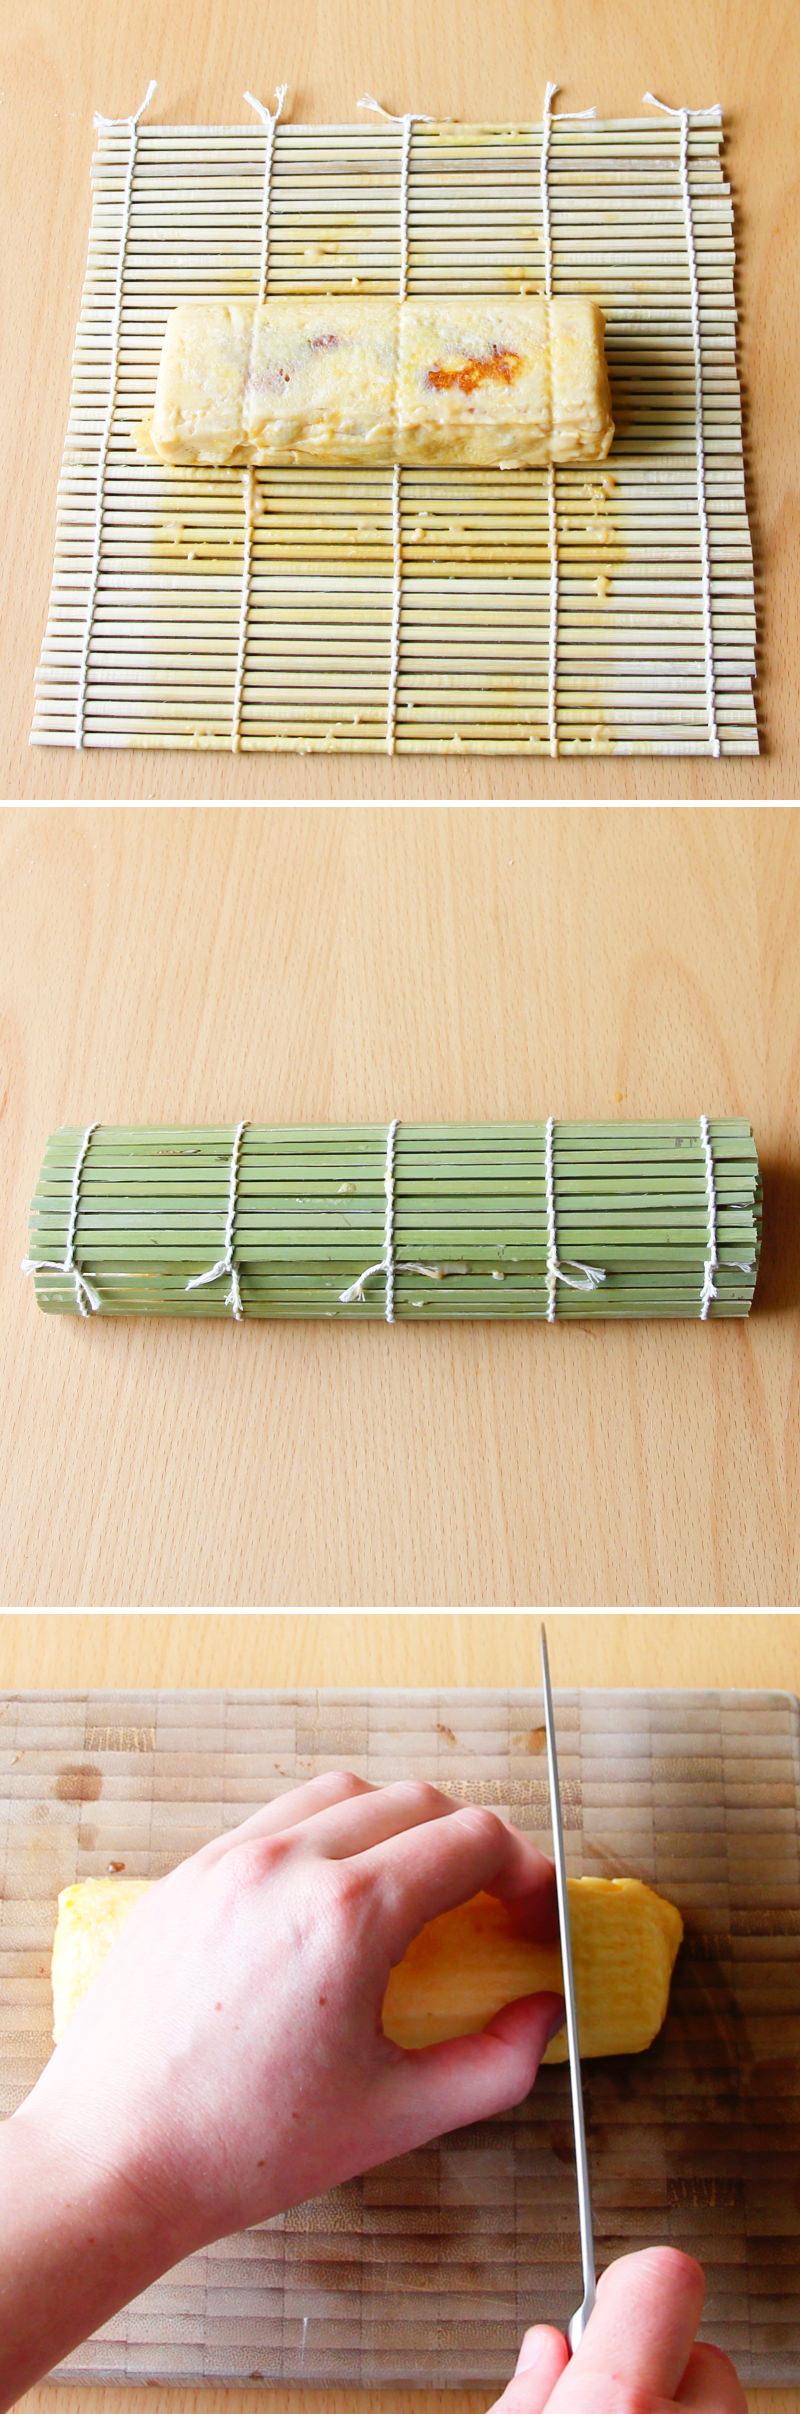 Tamagoyaki Schritt 7 ruhen lassen und schneiden